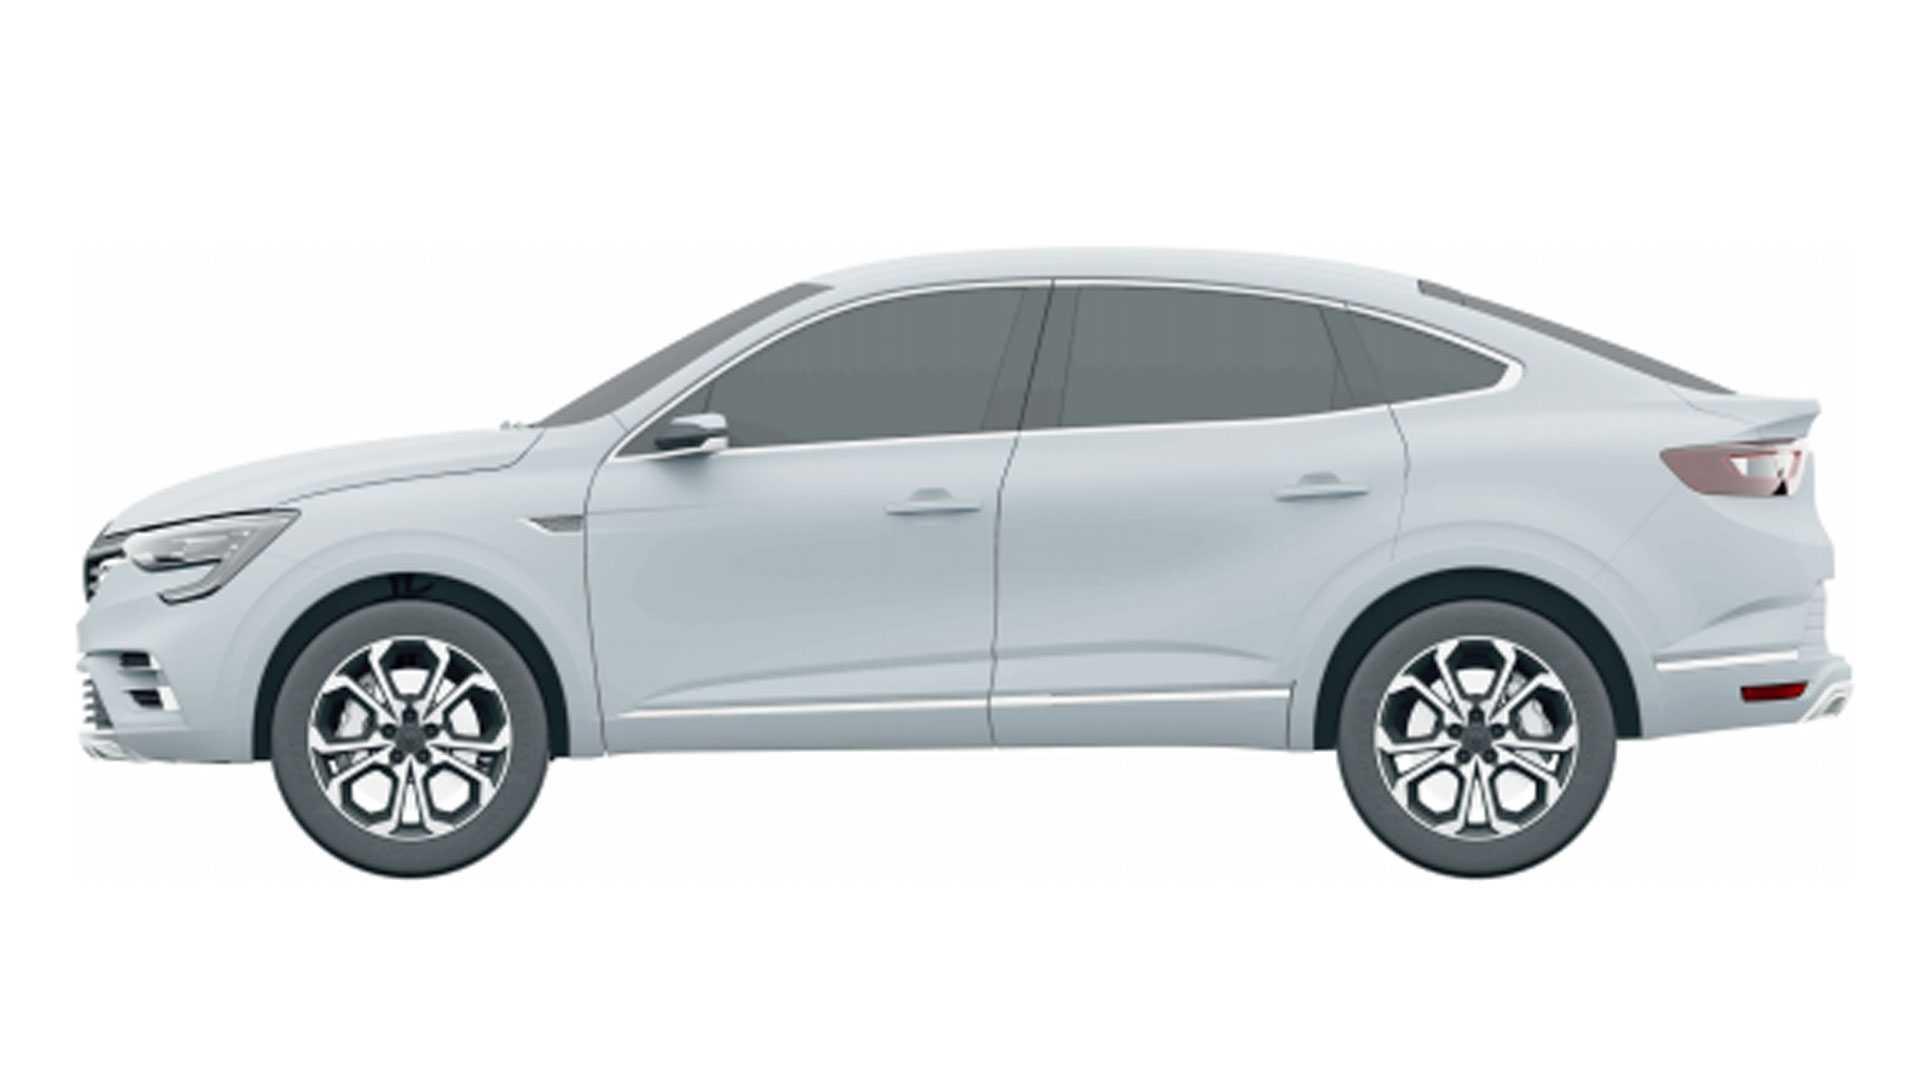 Registro do Renault Arkana no INPI. (INPI | Reprodução)